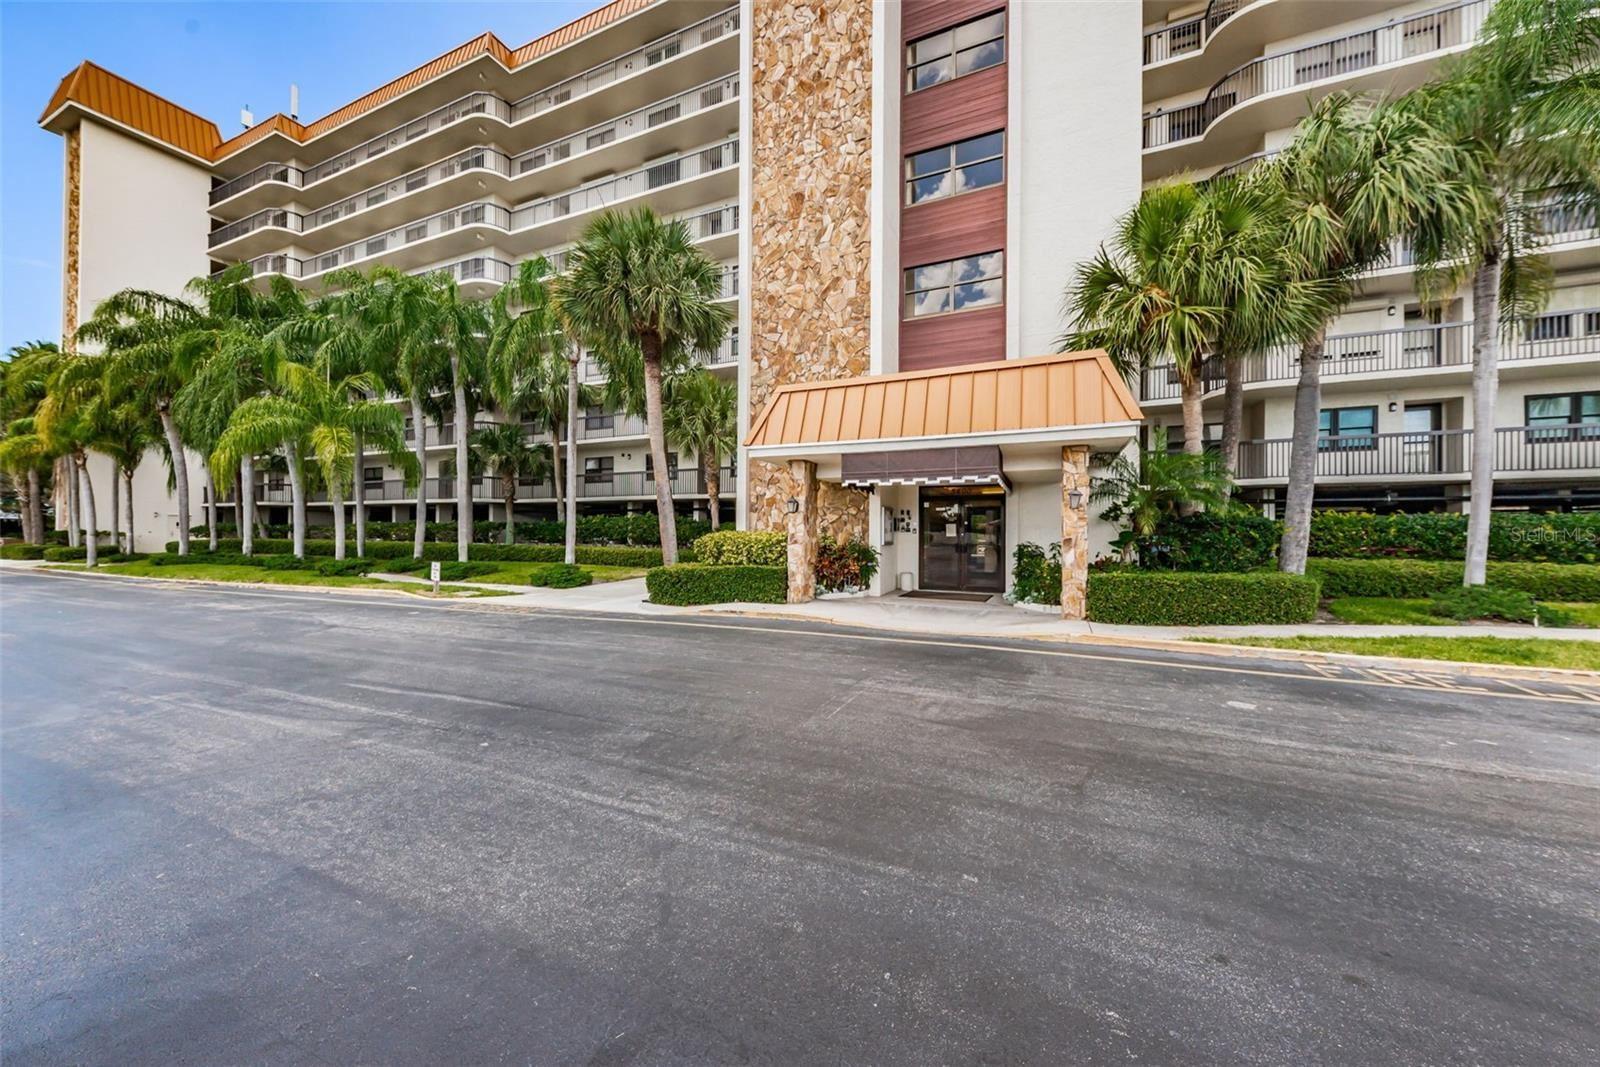 Photo of 5400 PARK STREET N #214, ST PETERSBURG, FL 33709 (MLS # U8132104)